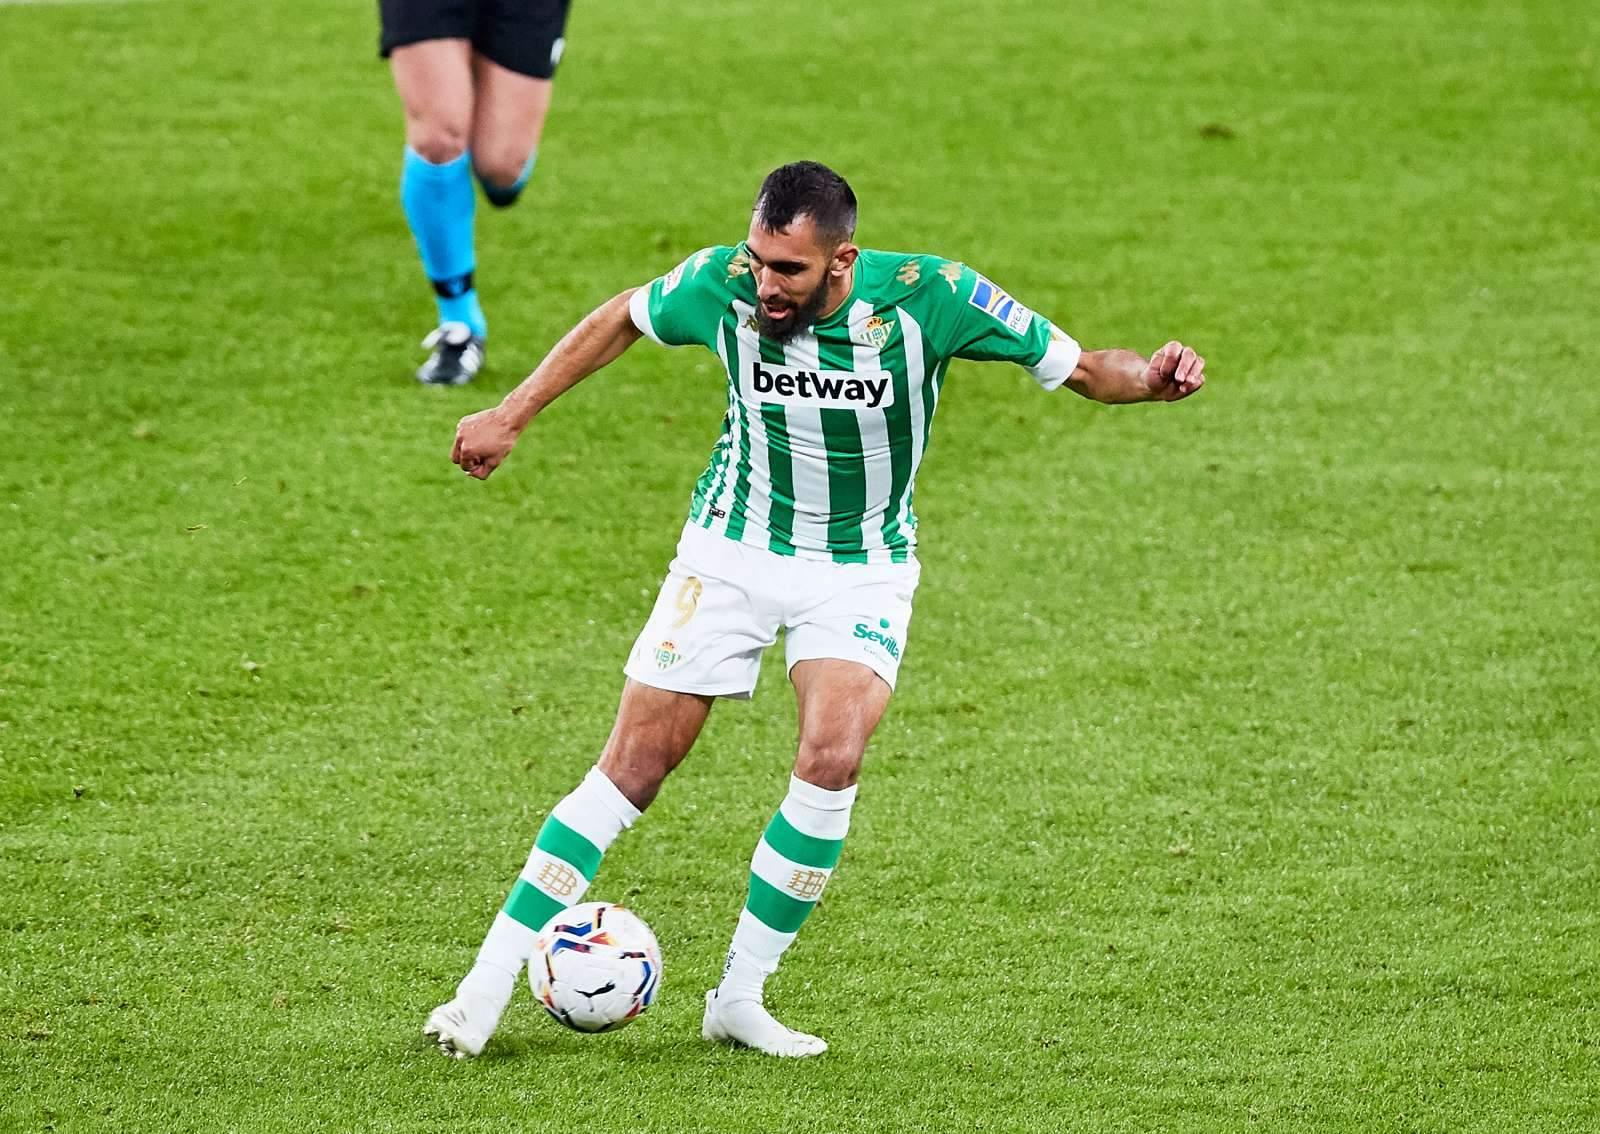 «Вильярреал» и «Бетис» пробились в четвертьфинал Кубка короля